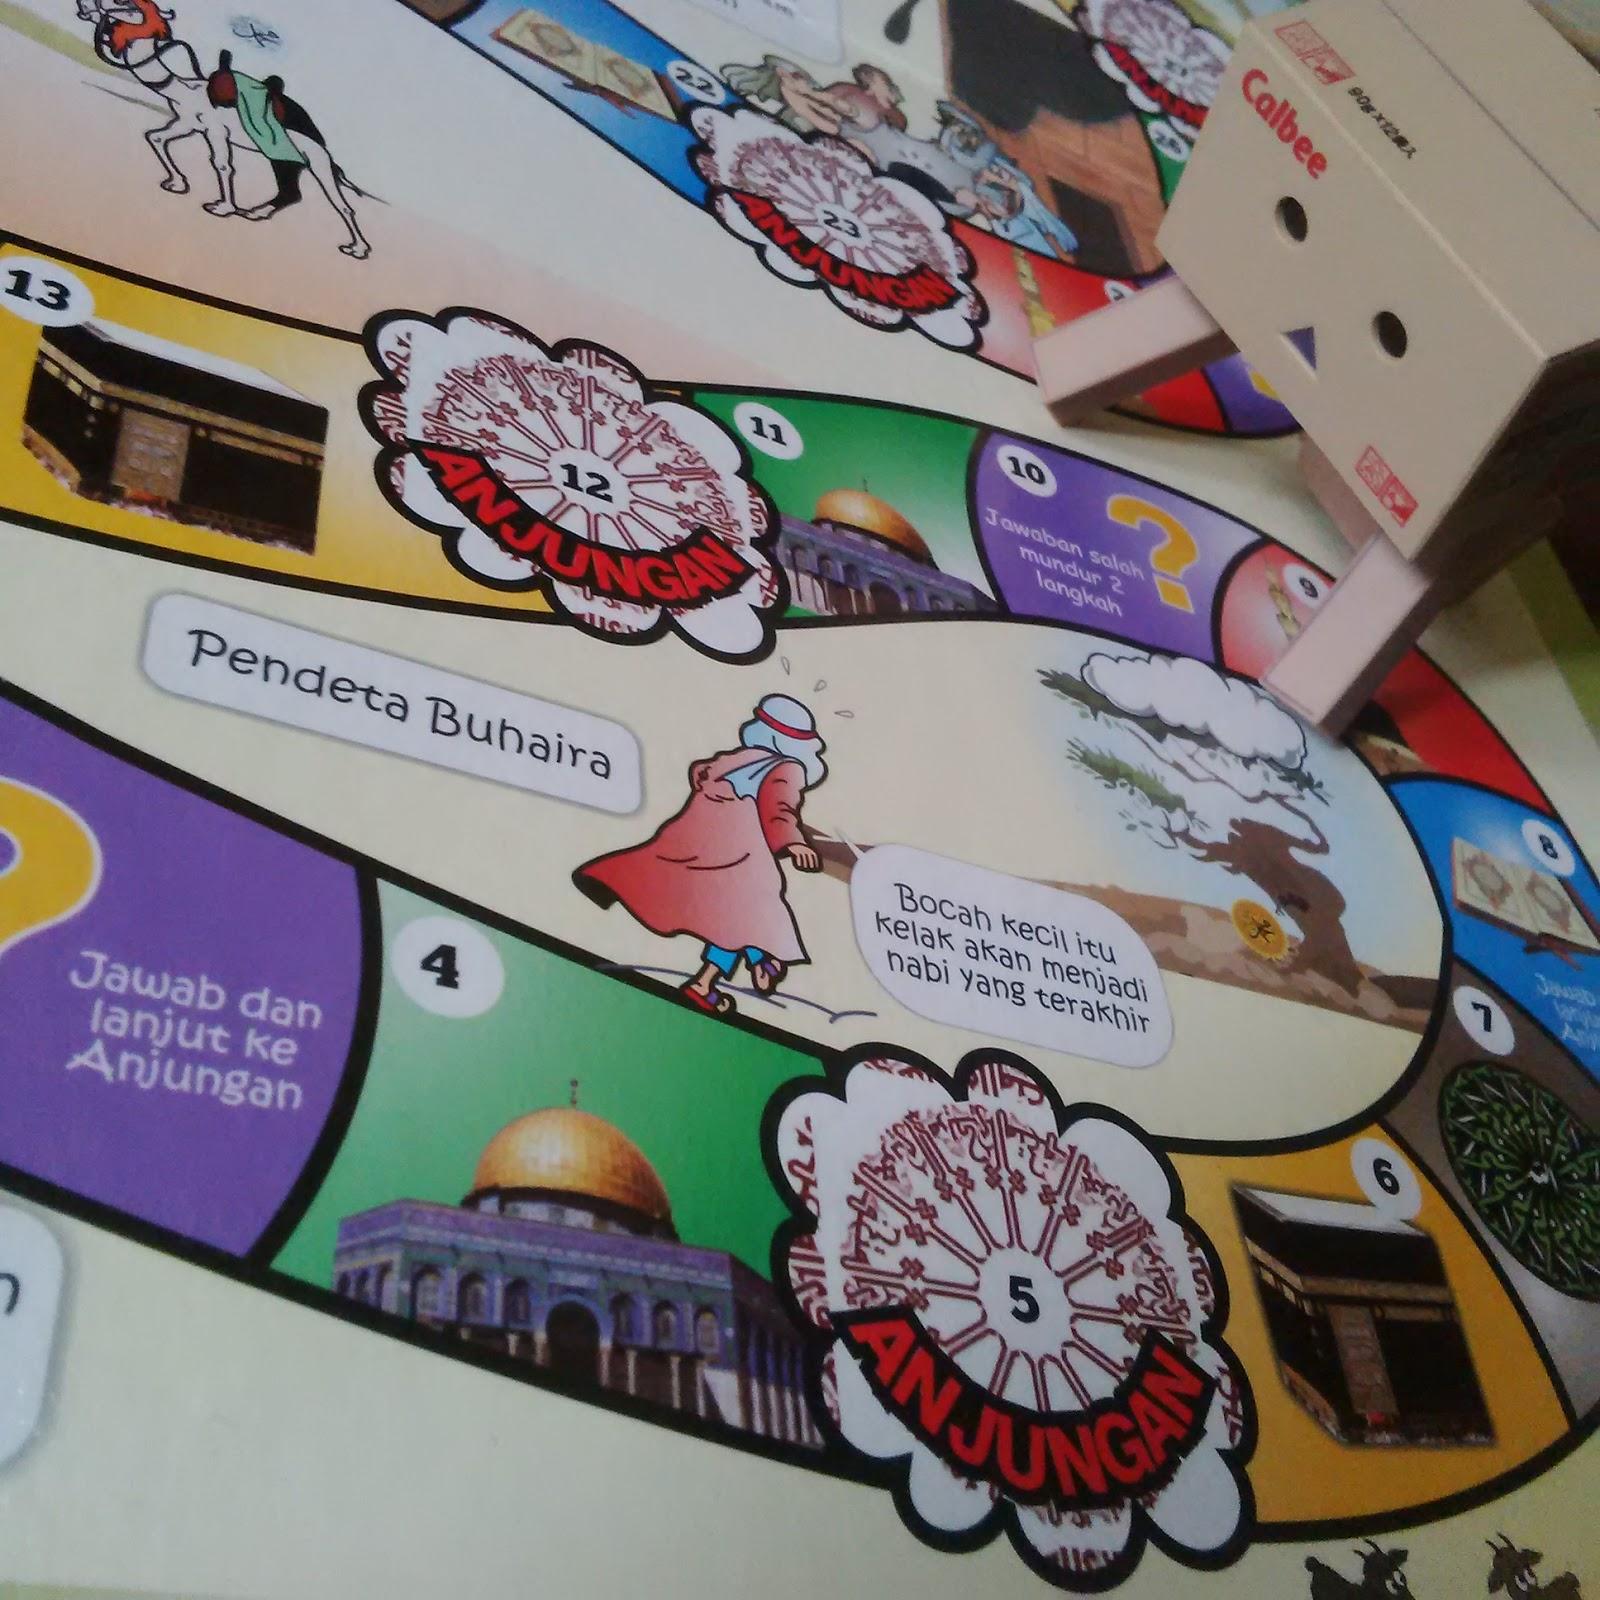 Jual Permainan Edukatif Anak Di Cimahi Info Bisnis Mainan Idukasi Stiker